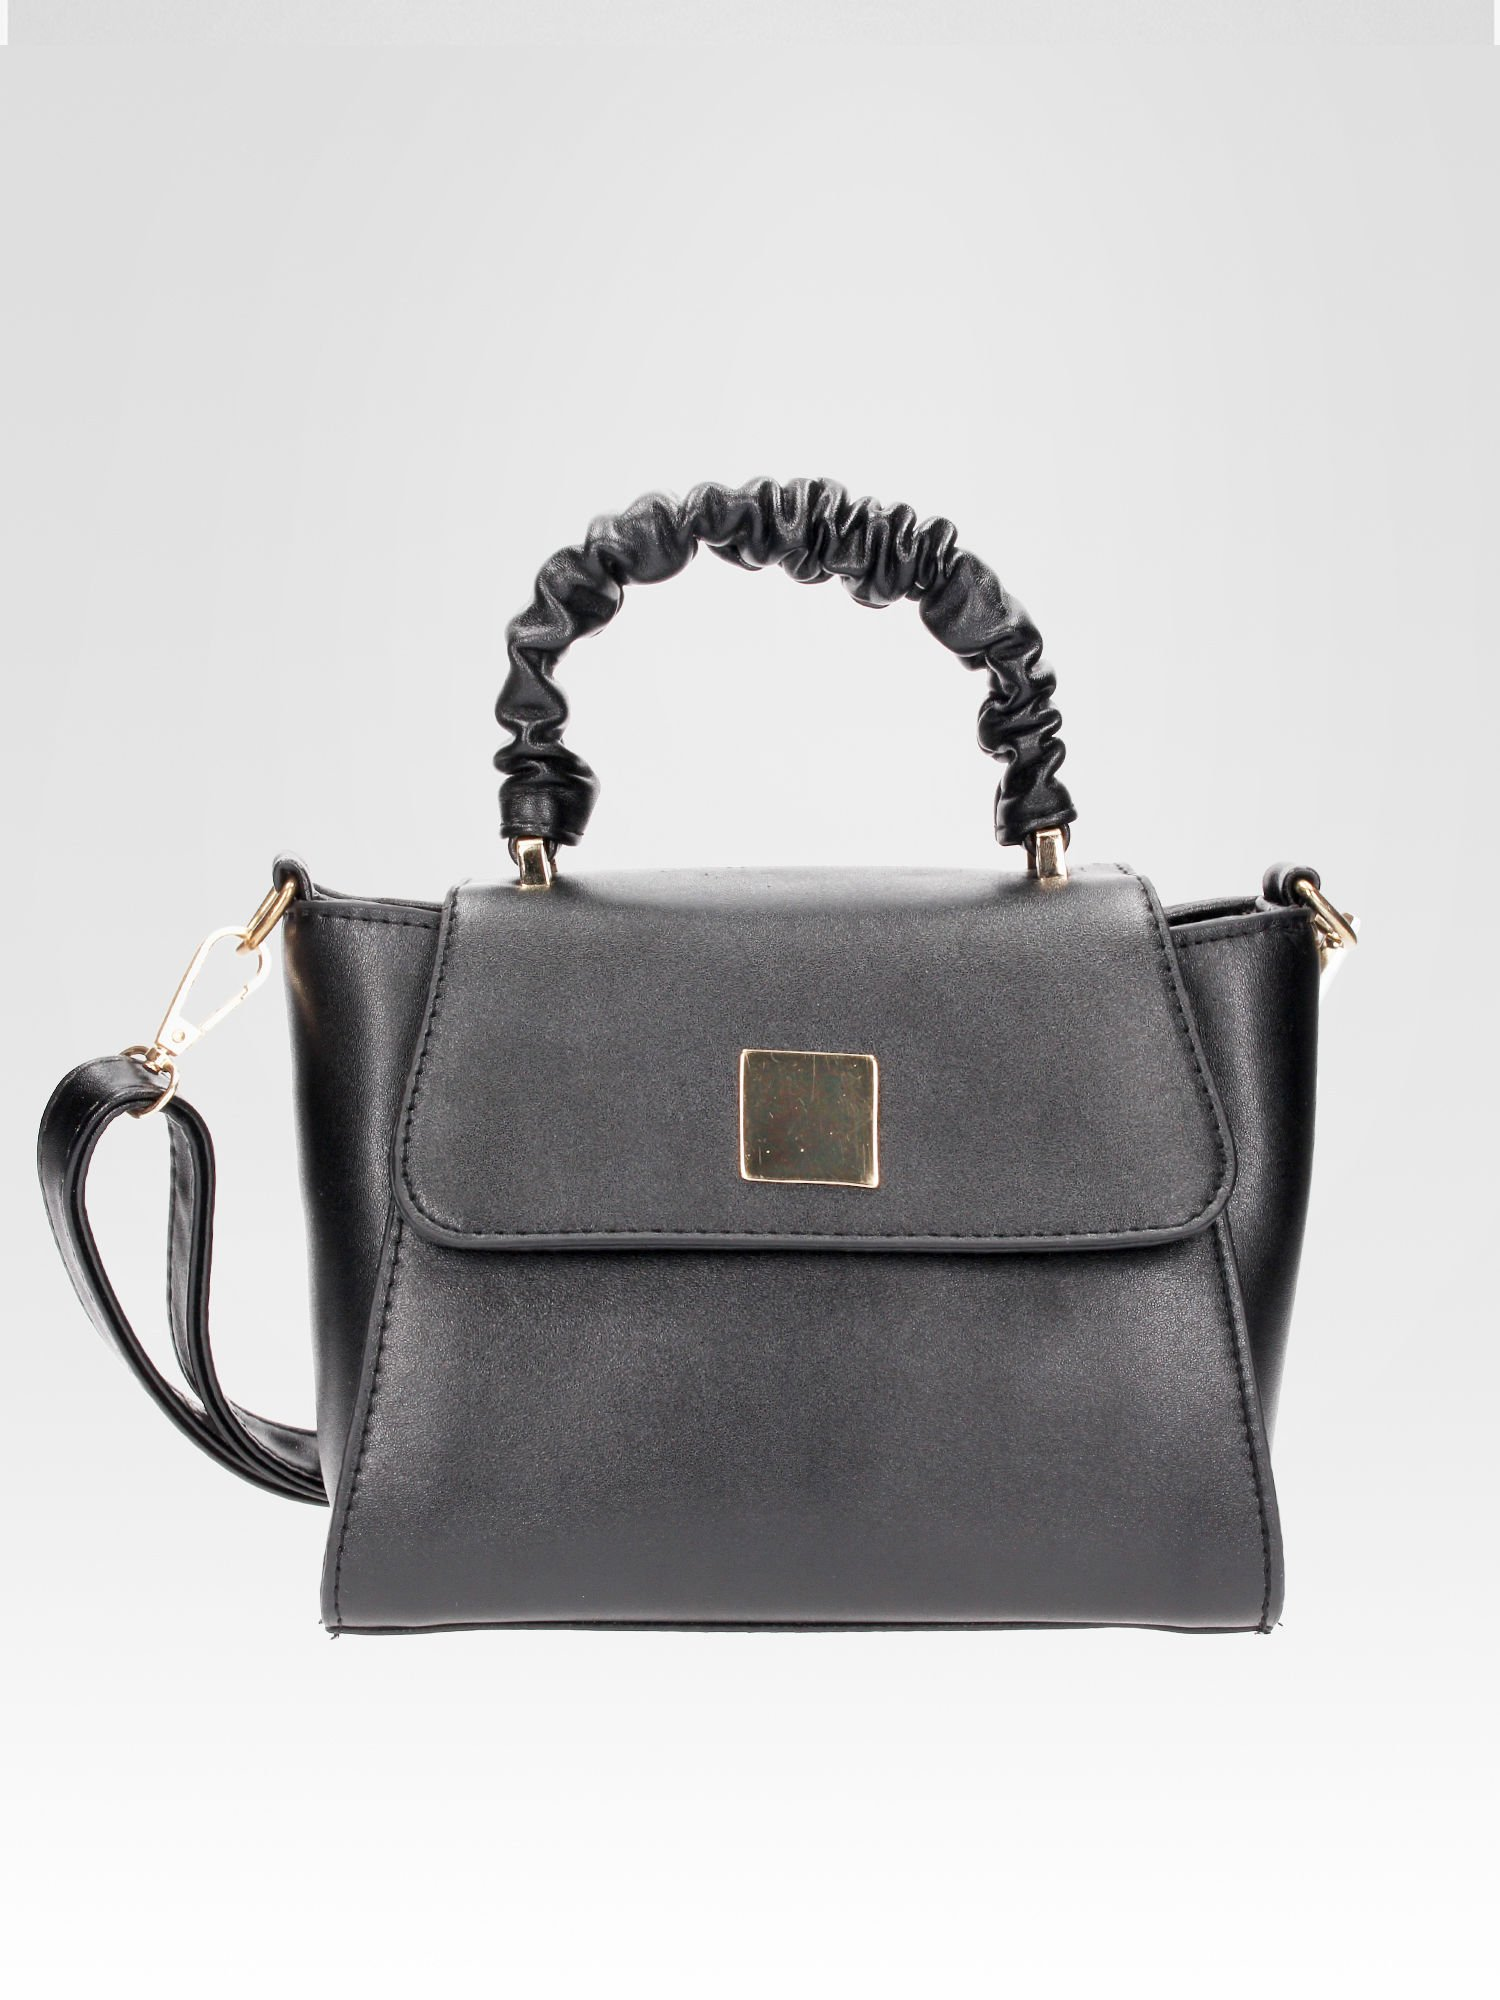 Czarna mini torebka kuferek z marszczoną rączką                                  zdj.                                  4